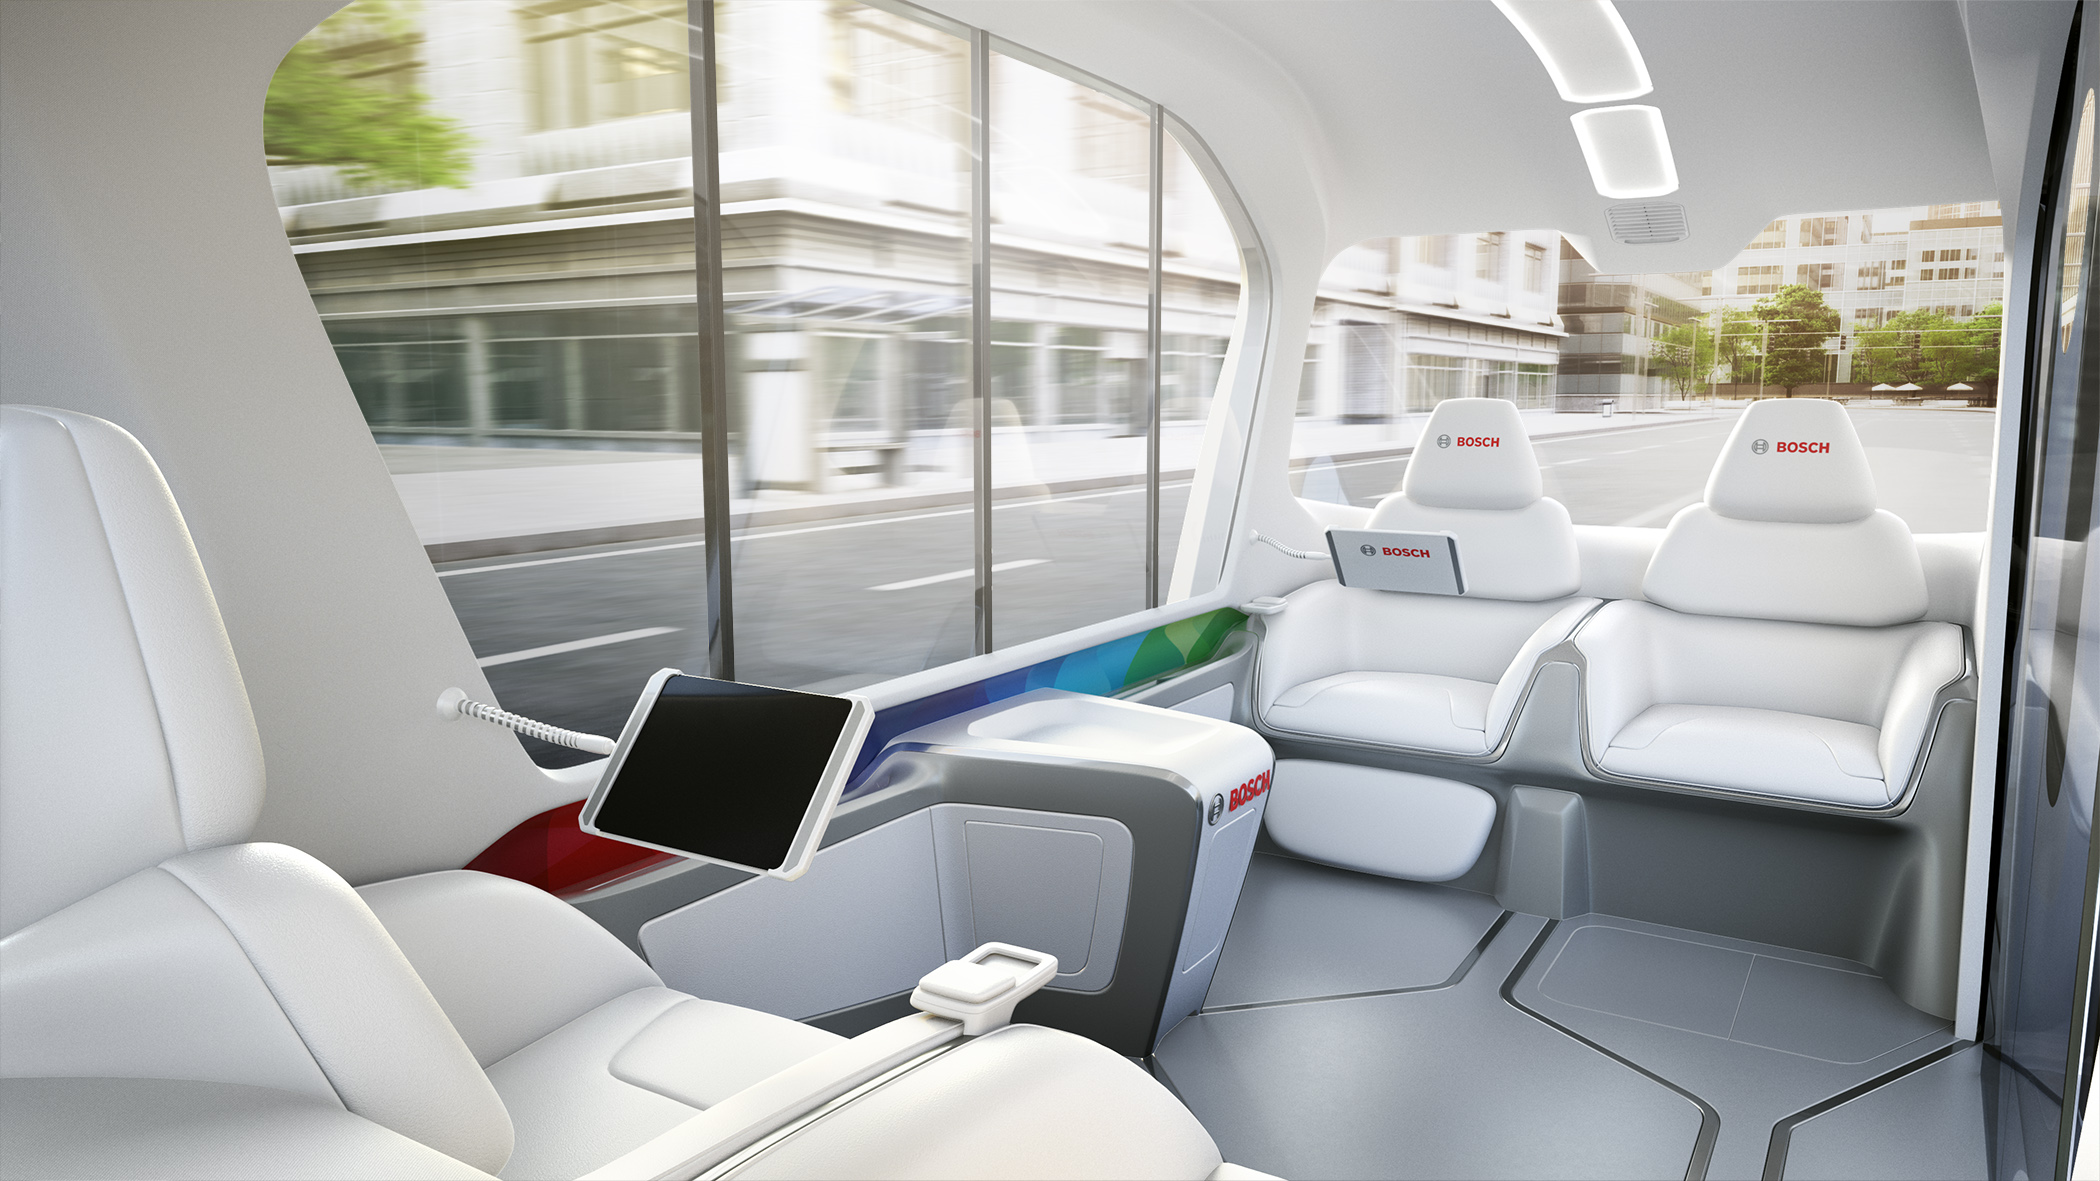 La mobilità del futuro secondo Bosch